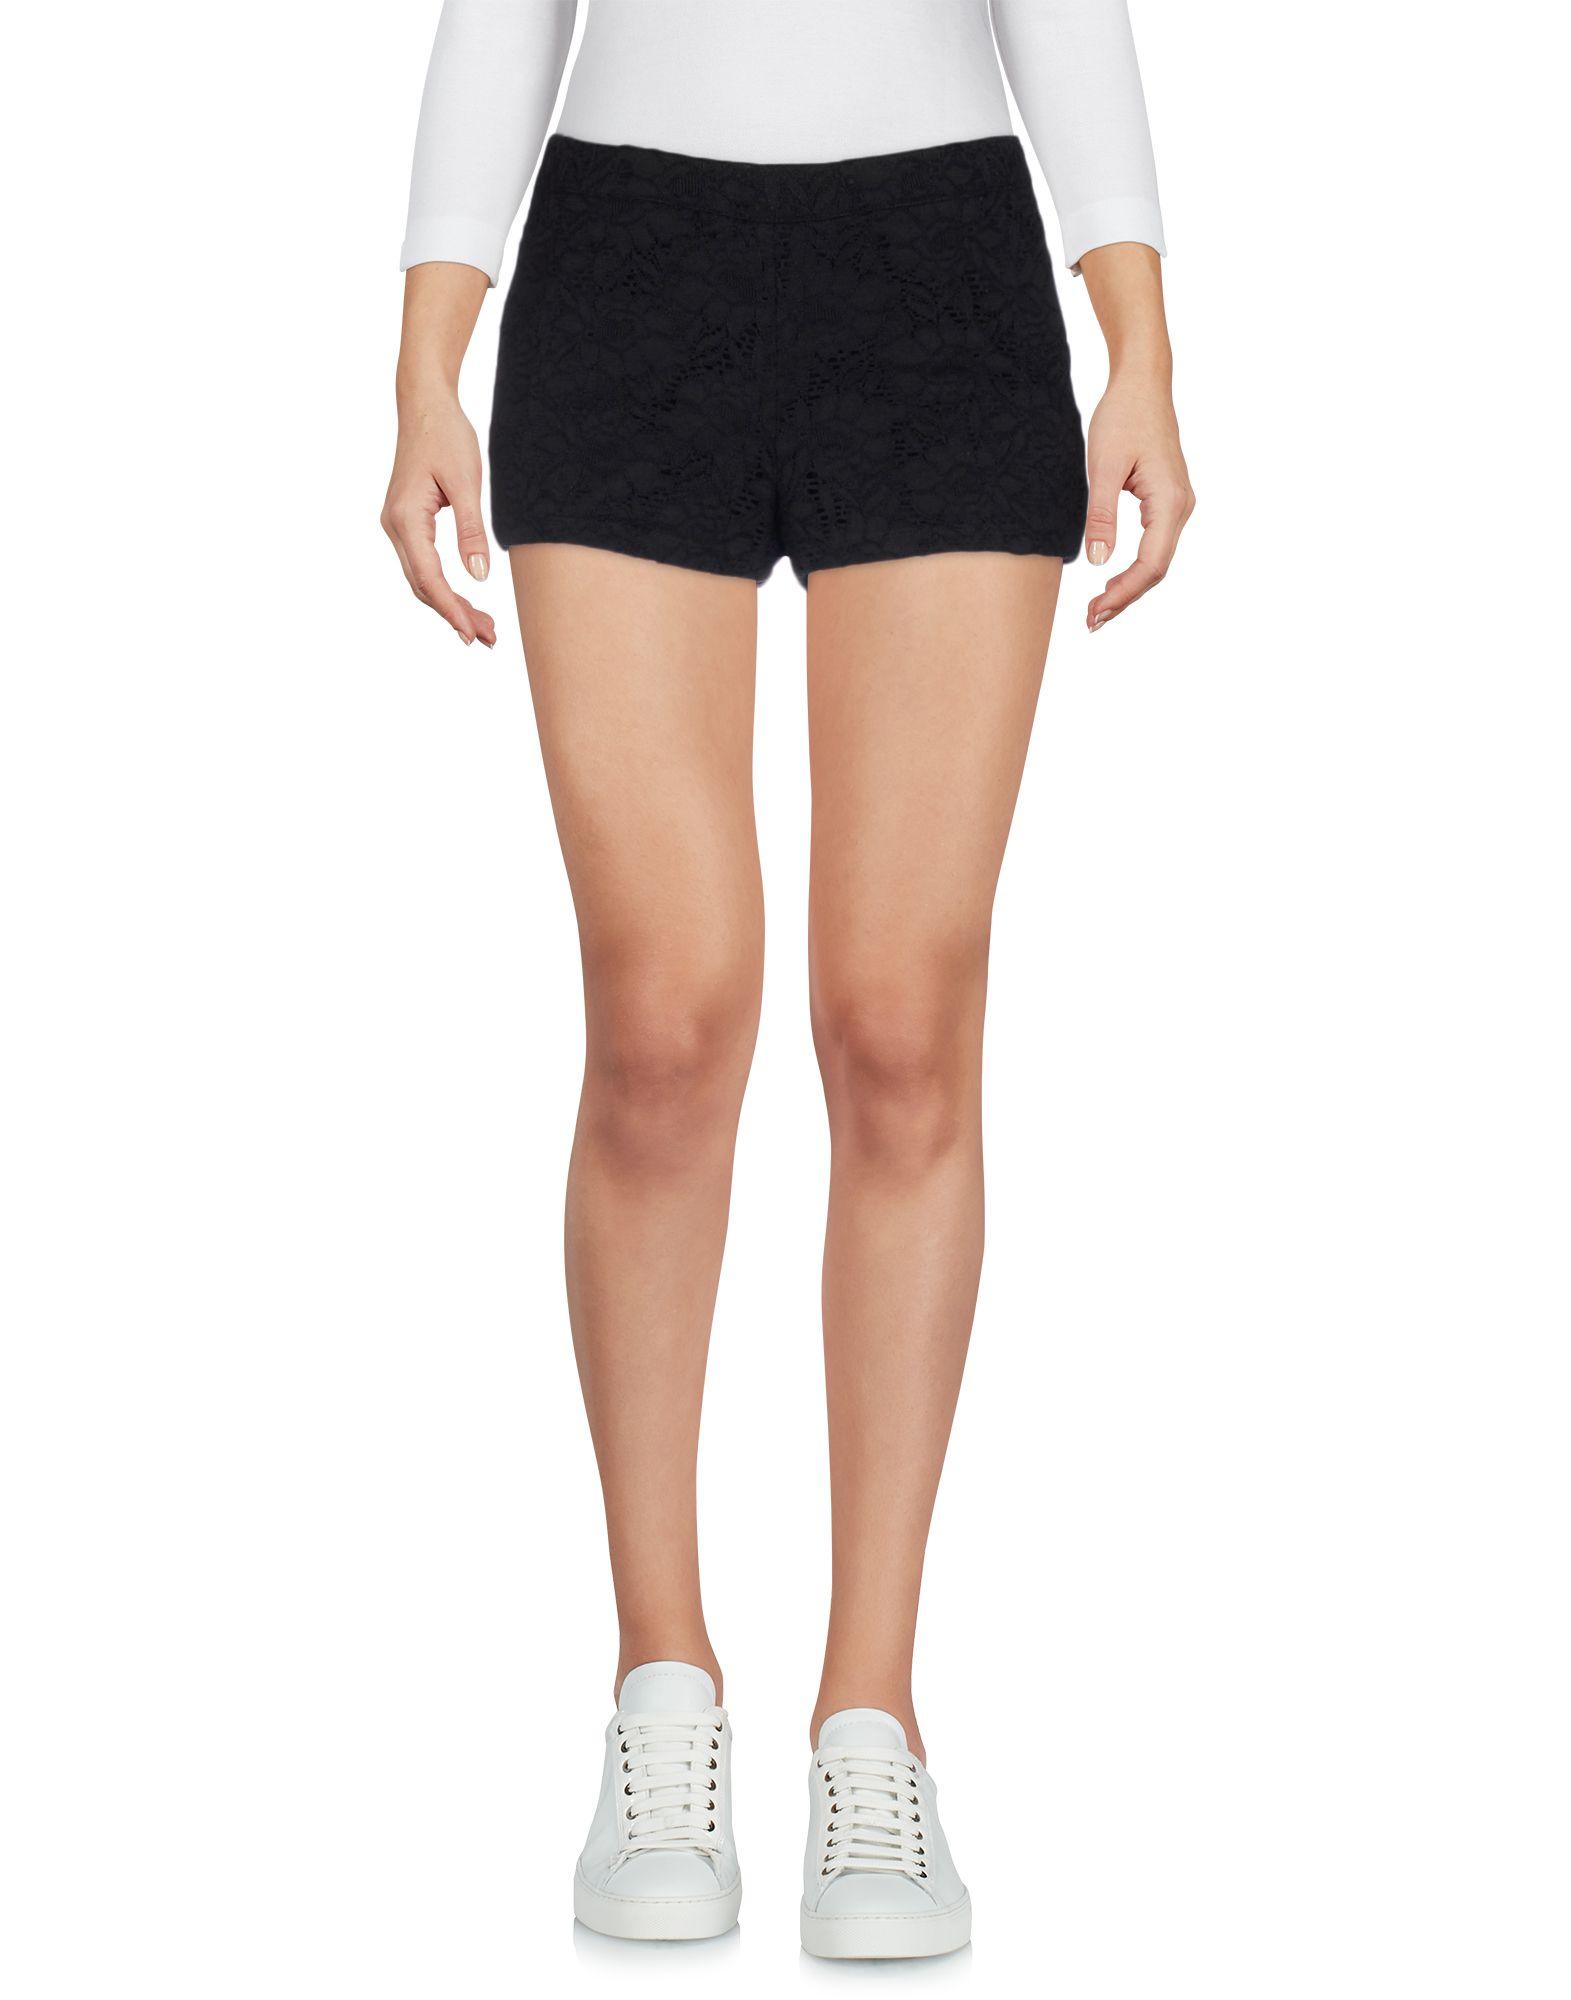 цены на ORTYS OFFICINA MILANO Повседневные шорты в интернет-магазинах